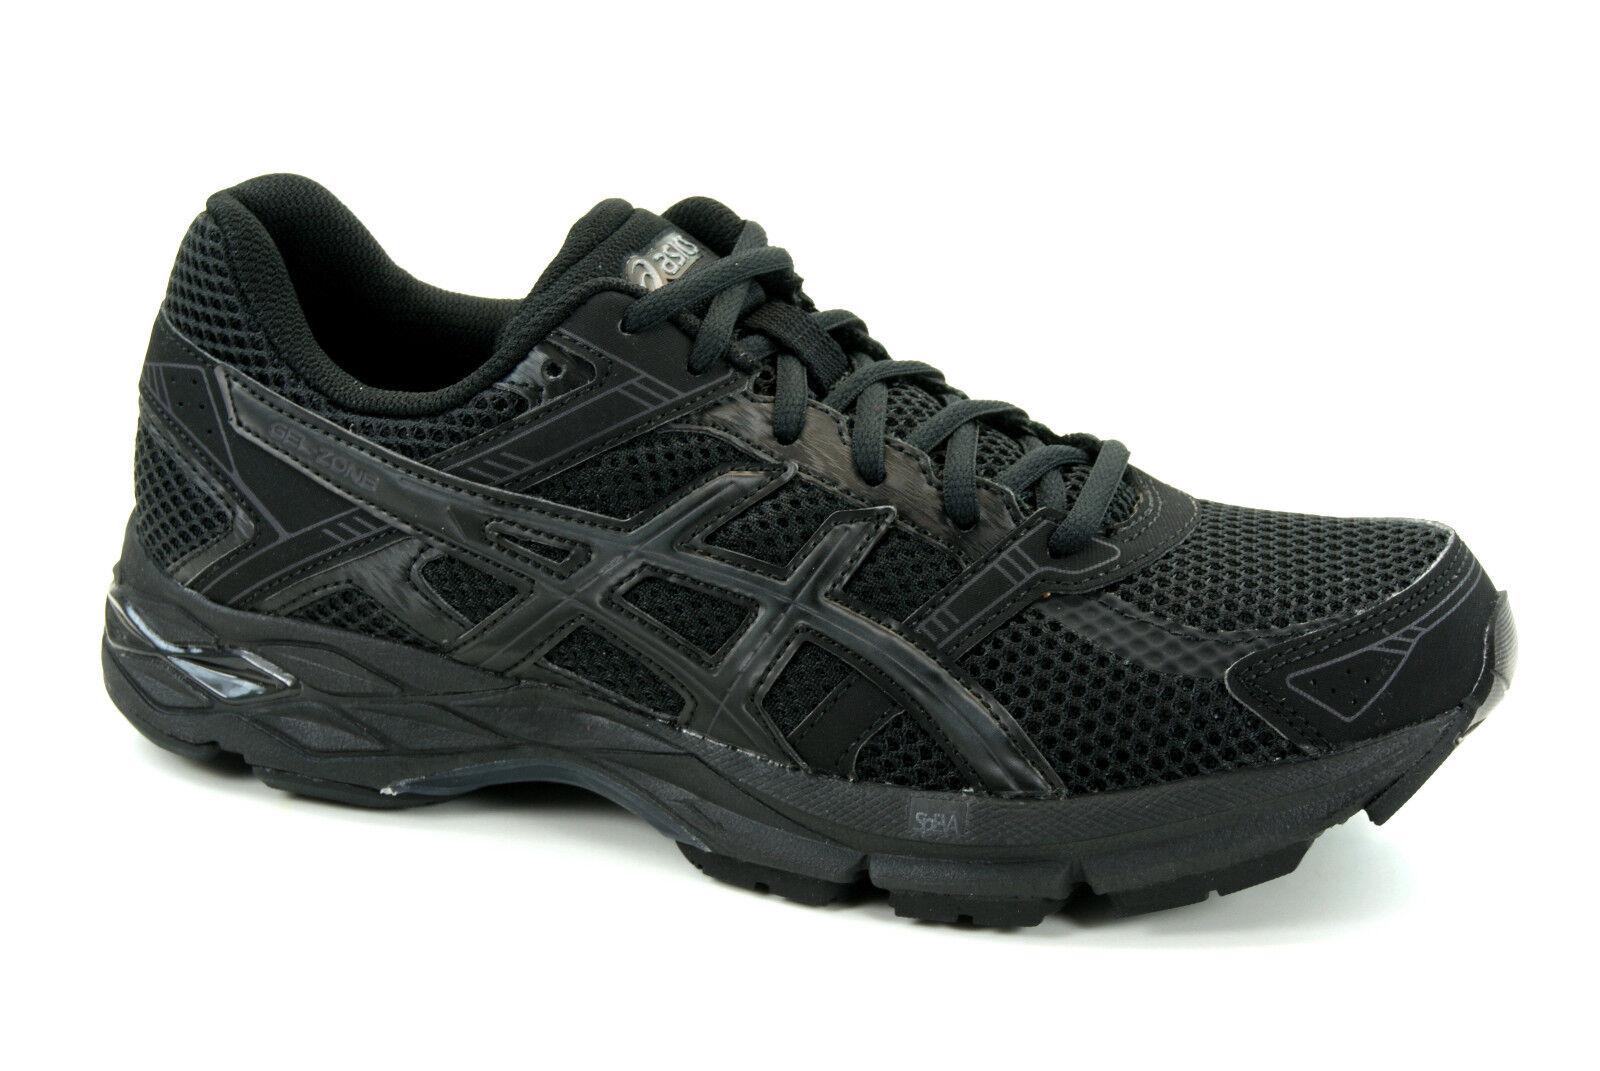 Asics gel-Zone 4 zapatillas running running running señora zapatillas de deporte negro t65tq-9090  80% de descuento